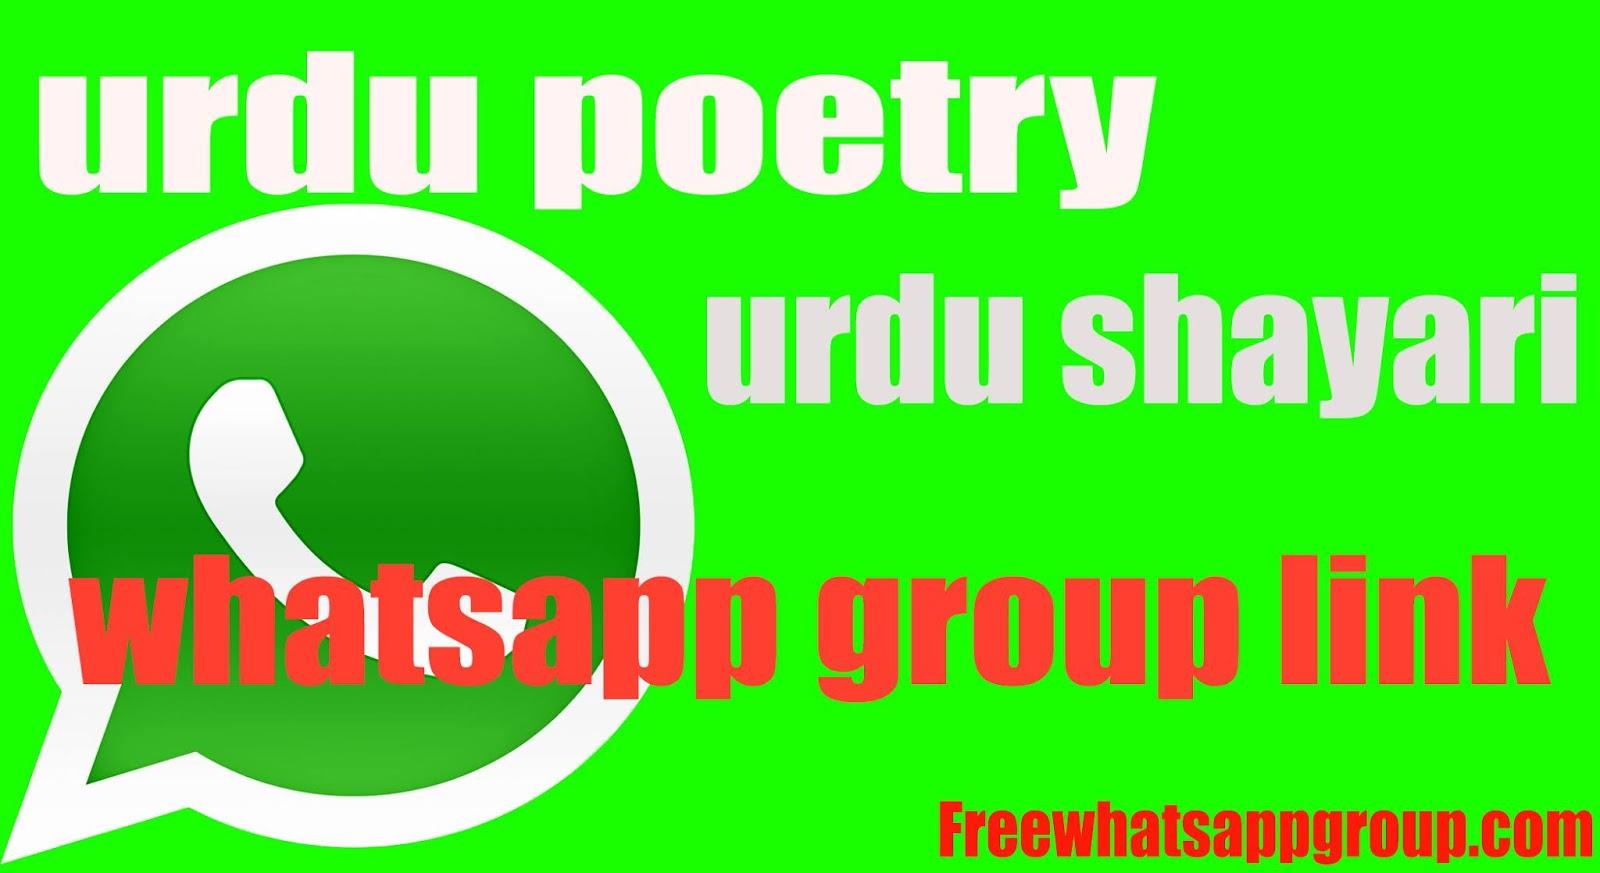 urdu shayari whatsapp group link, urdu poetry whatsapp group link,  urdu adab whatsapp group link